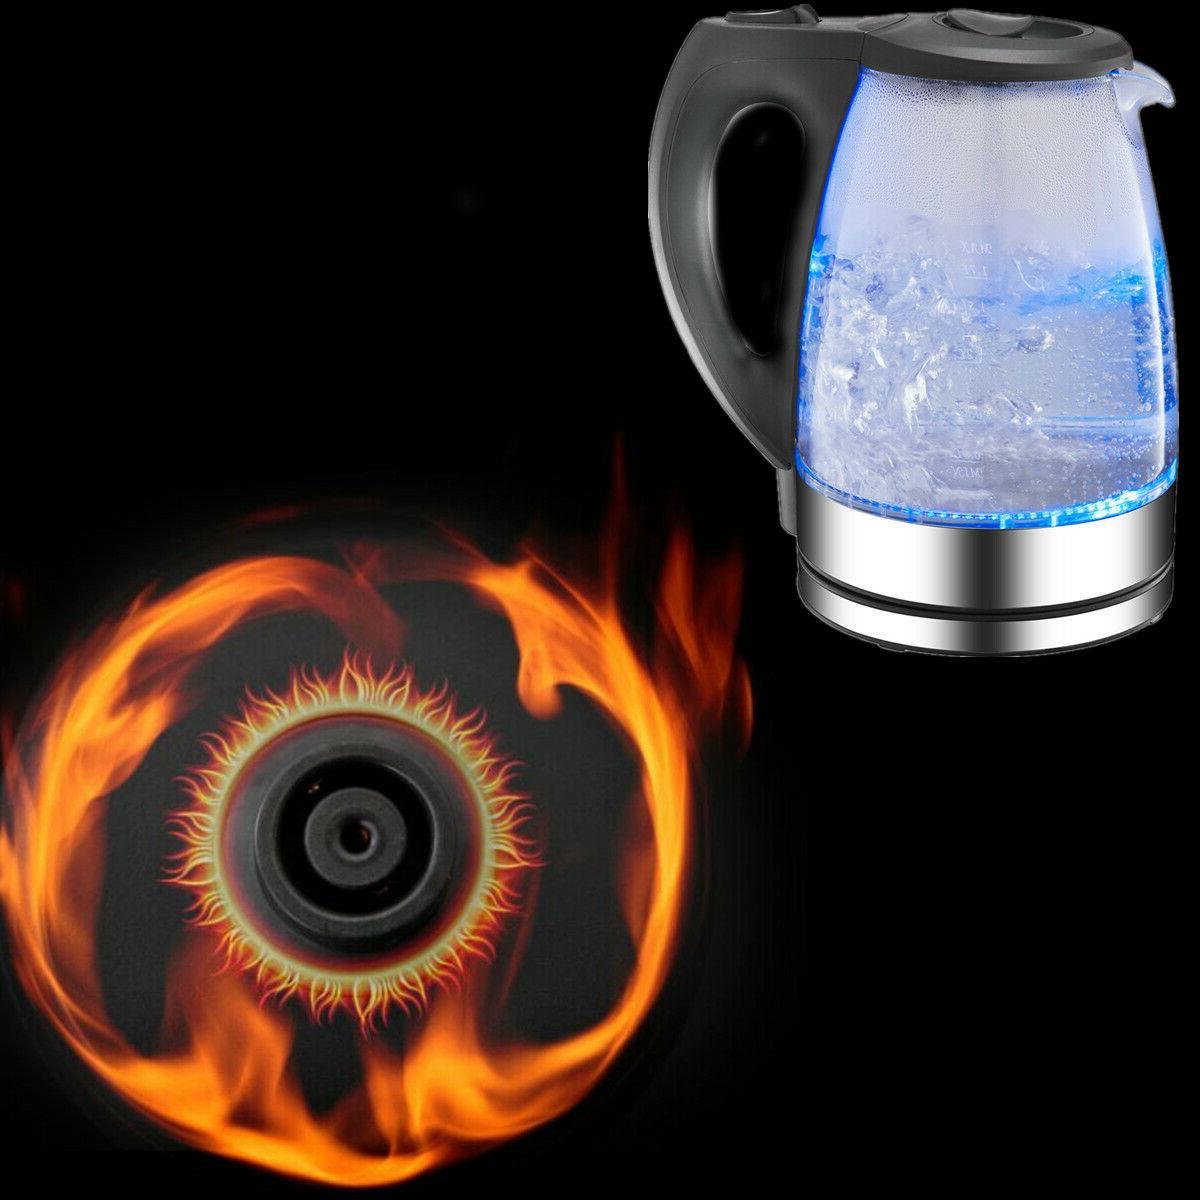 New Tea Water Boil Pot Glass Blue Led Light